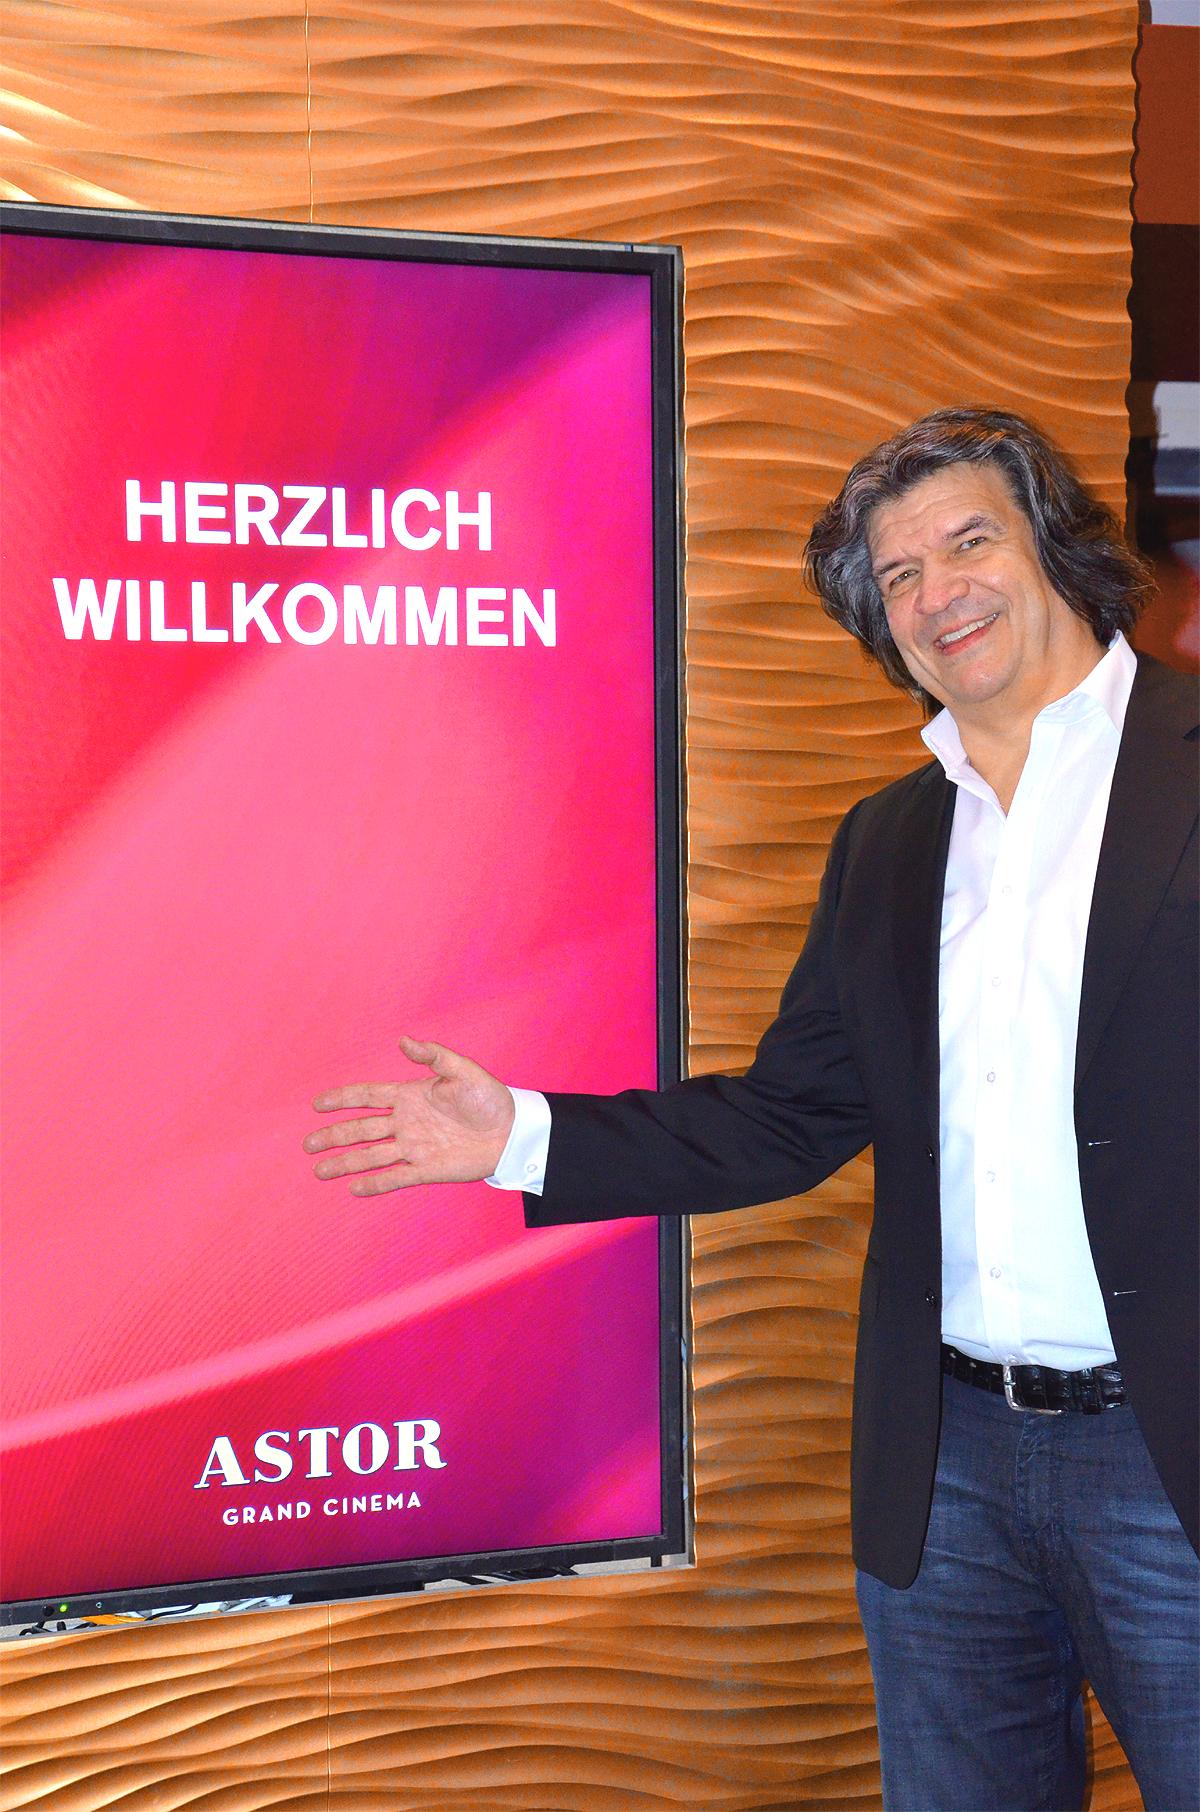 Astor Grand Cinema Kommende Veranstaltungen